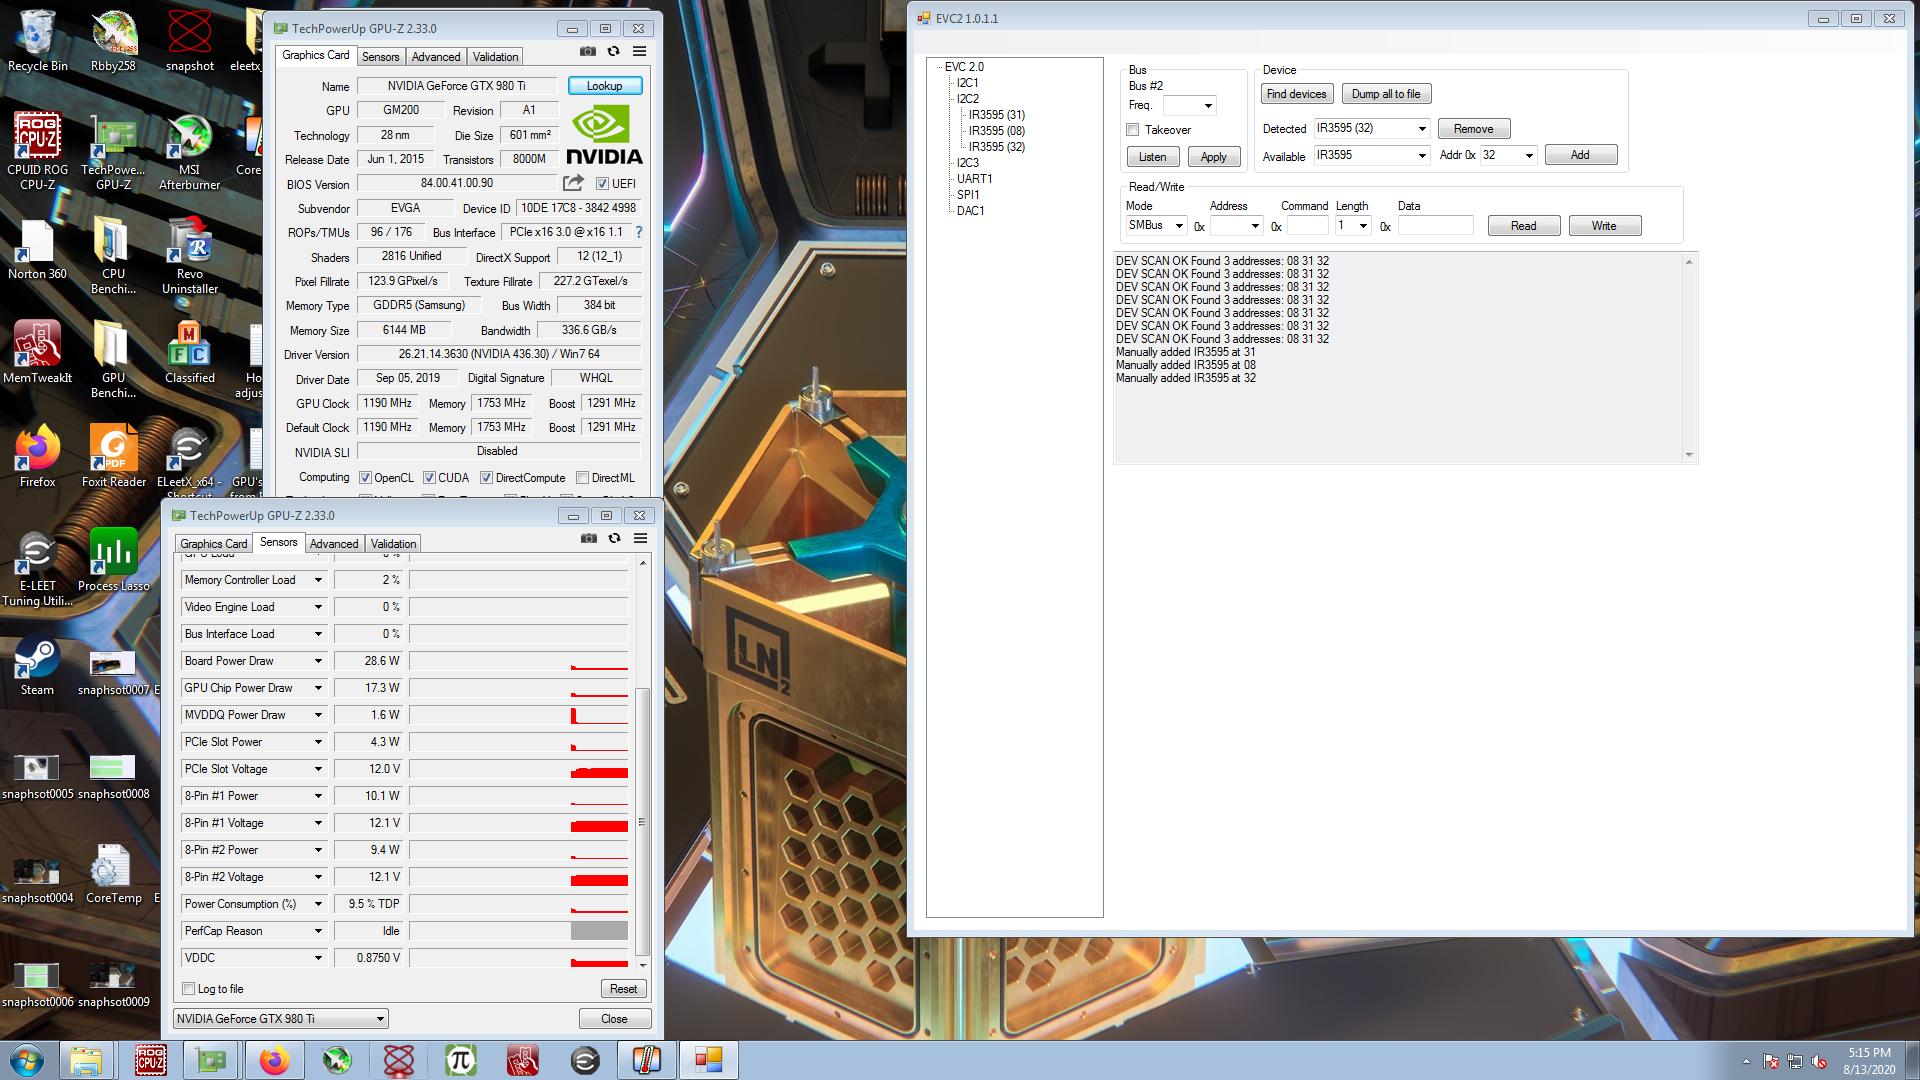 IR3595-Screen.png